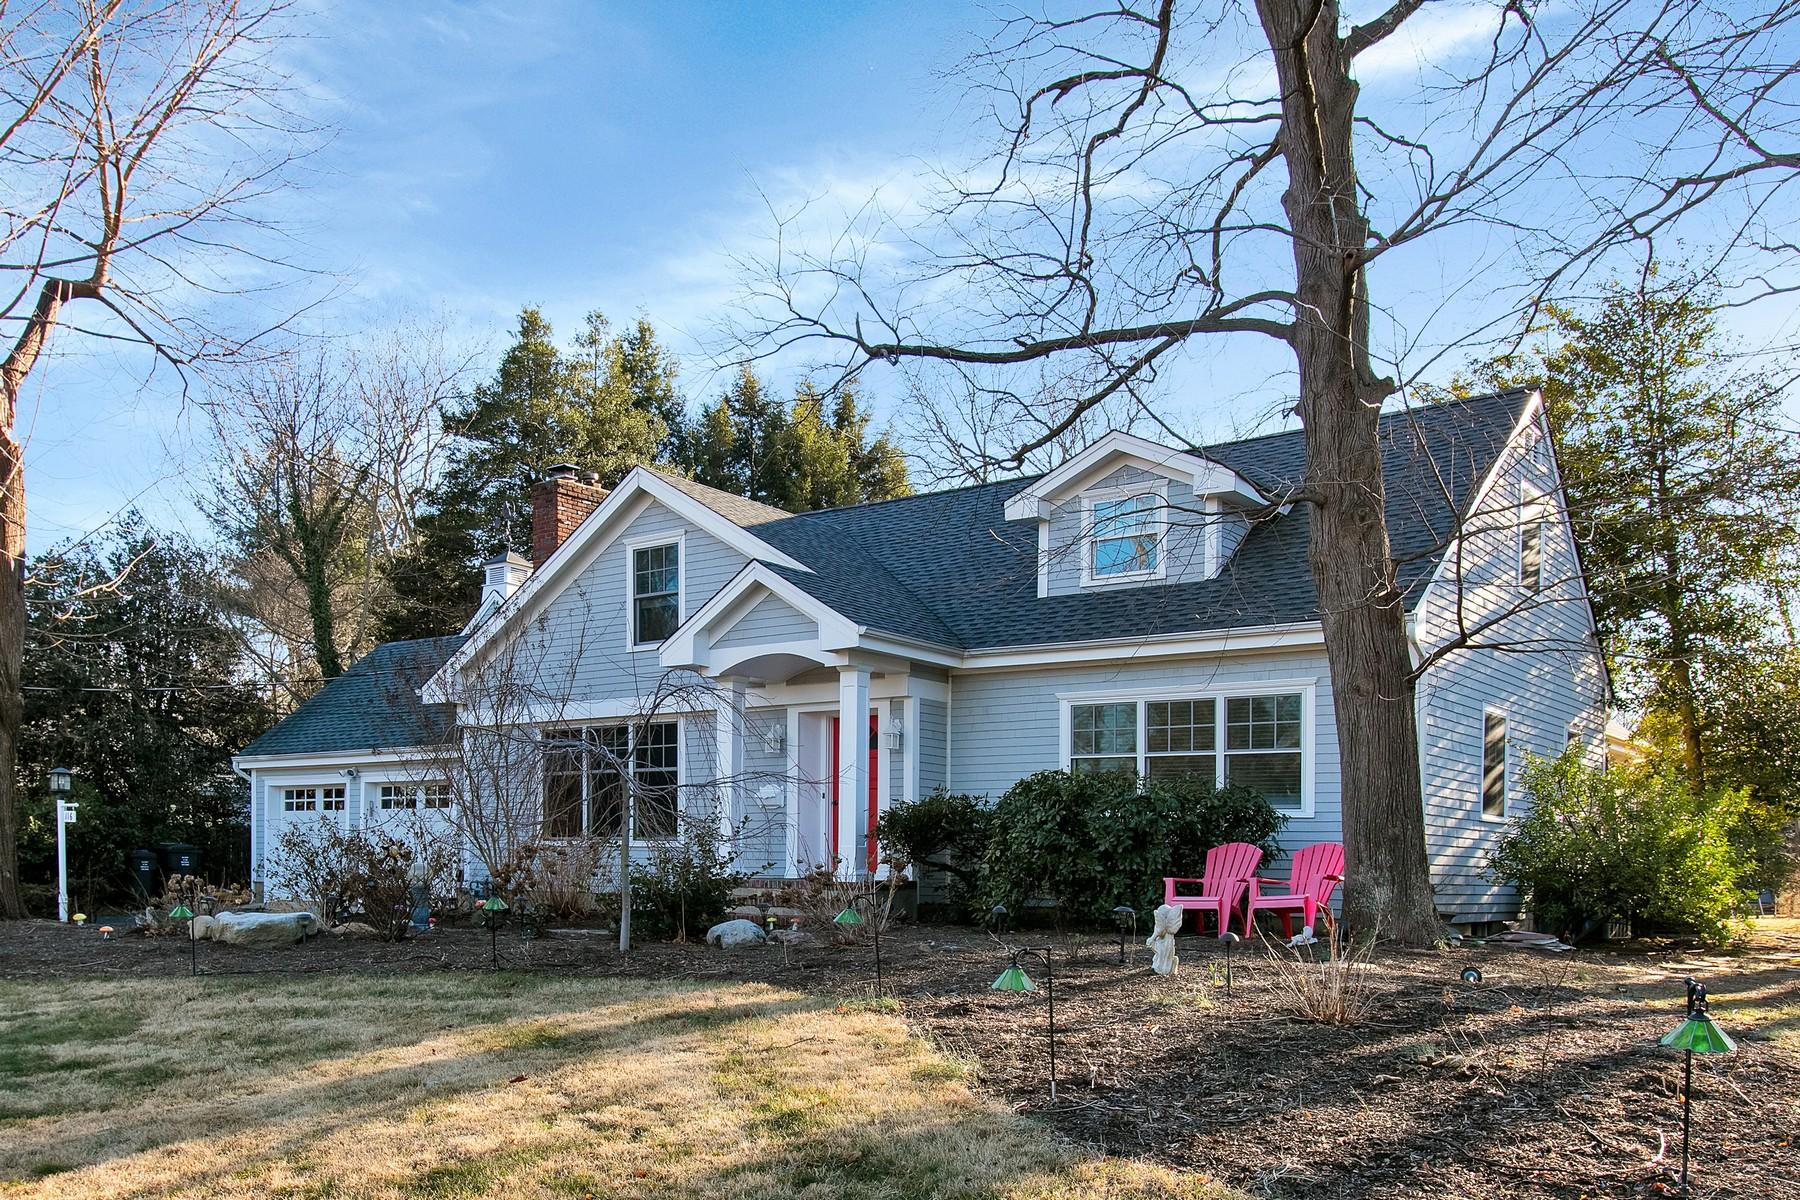 Частный односемейный дом для того Продажа на Updated home with deeded river rights on a Cul-de-Sac 116 Lewis Lane Fair Haven, Нью-Джерси, 07704 Соединенные Штаты